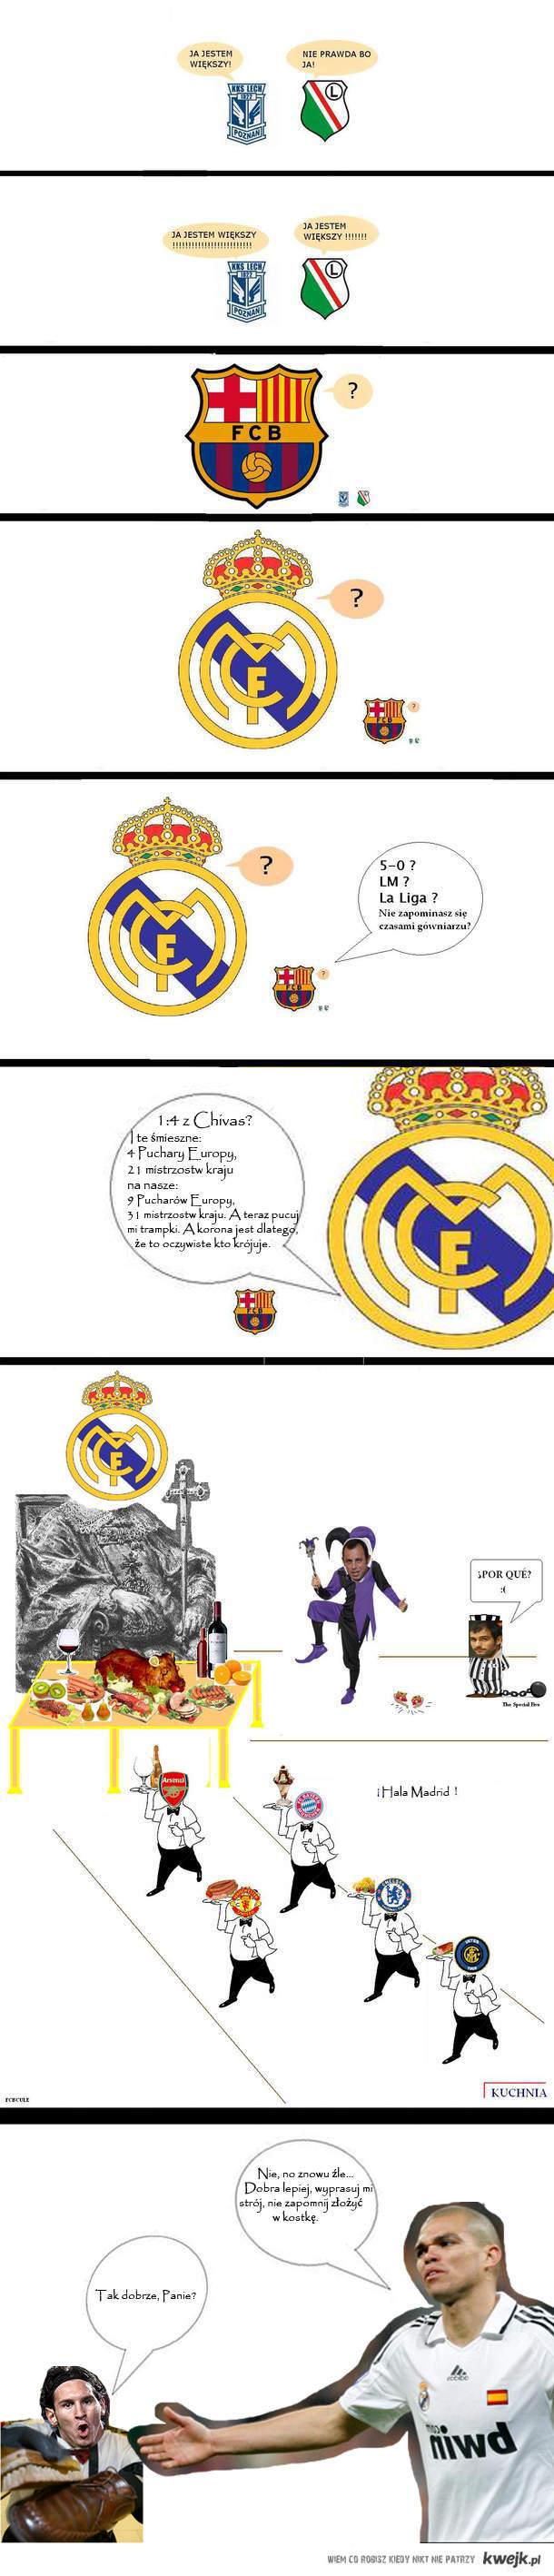 Tak tylko, żeby wkurzyć sezonowych fanów Barcy:)